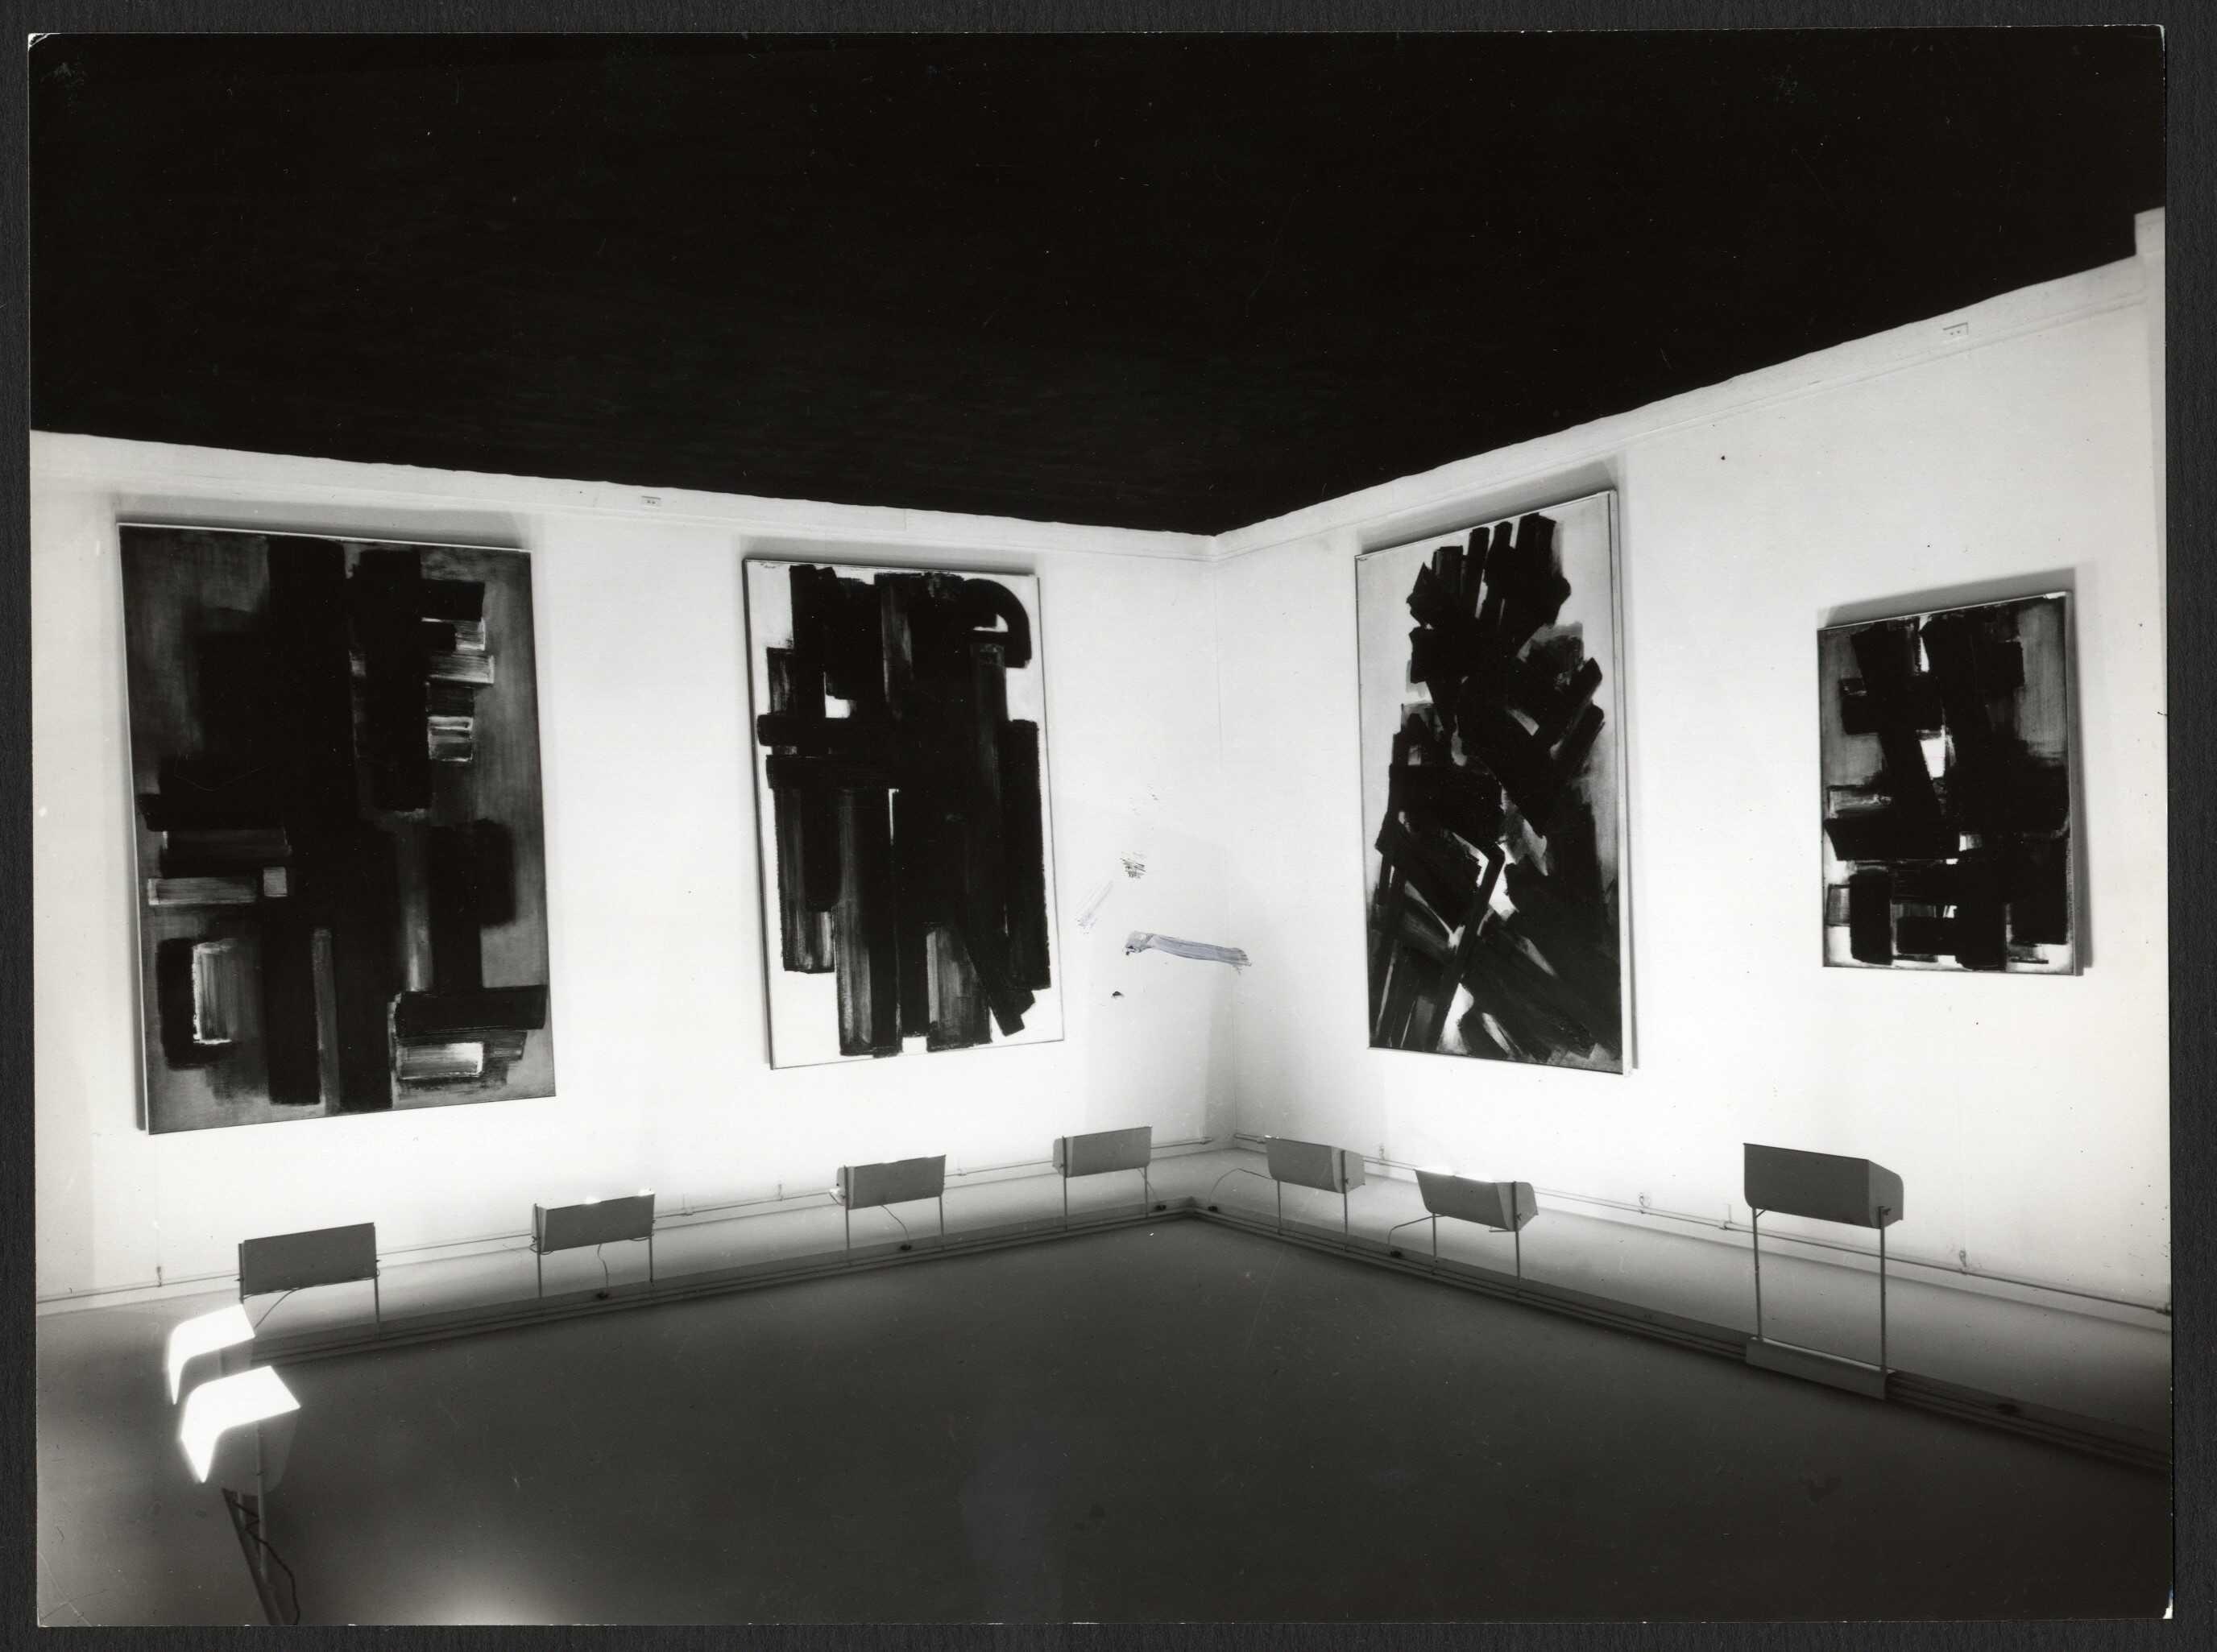 image for Galerie de France